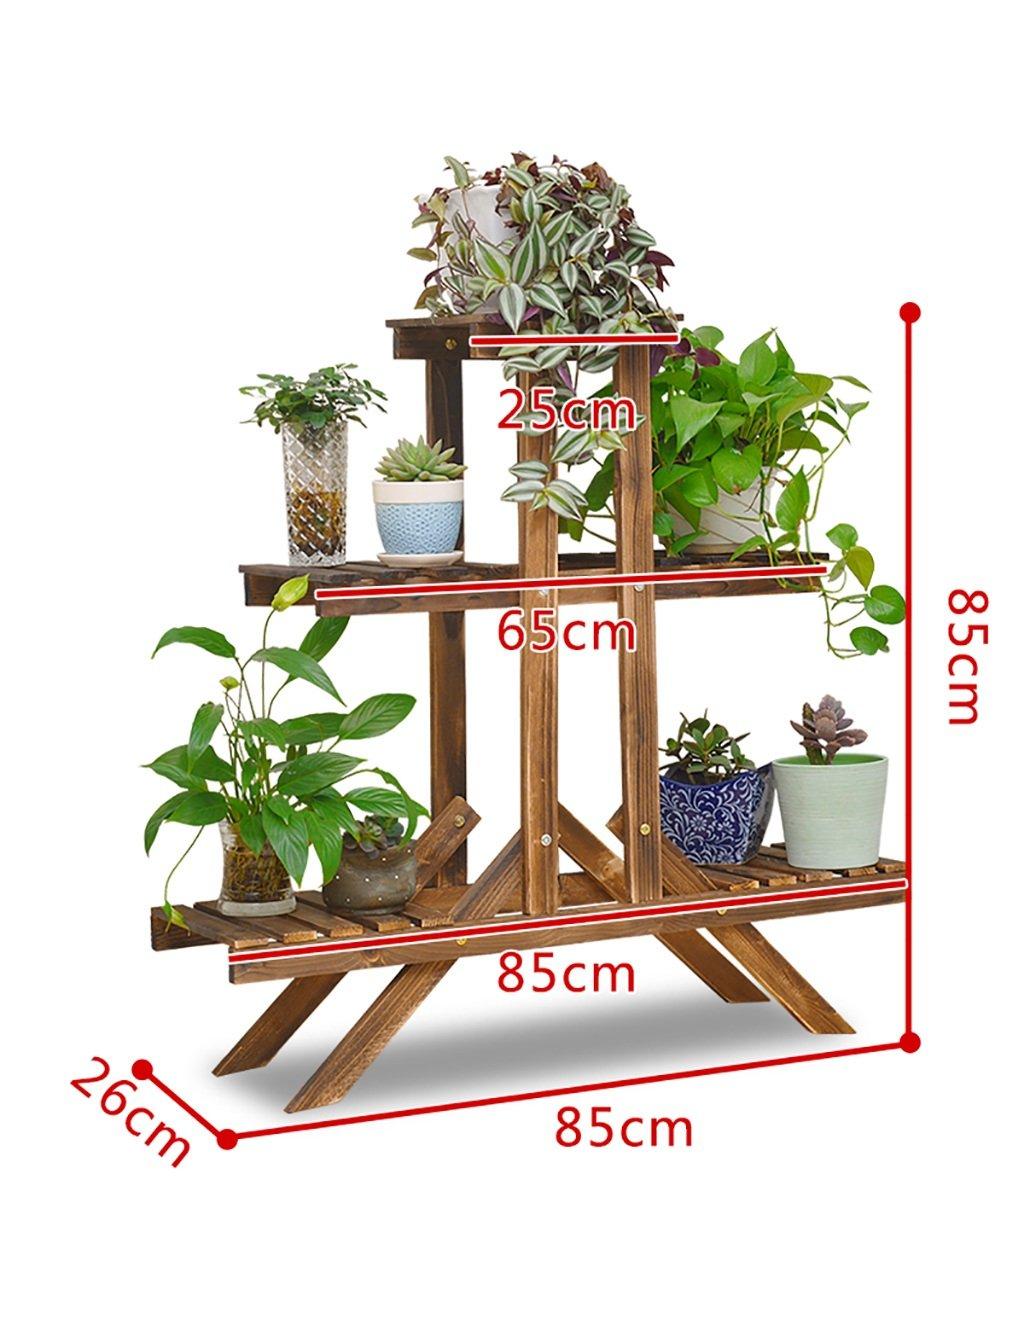 LB Moderne  Holz einfach Mehrschichtige Blume Montage Blume Boden Blumentopf Regal Balkon Wohnzimmer Innenraum Blume (3 Arten von Stilen verfügbar) Montage Blumentopf Regal ( farbe : F )